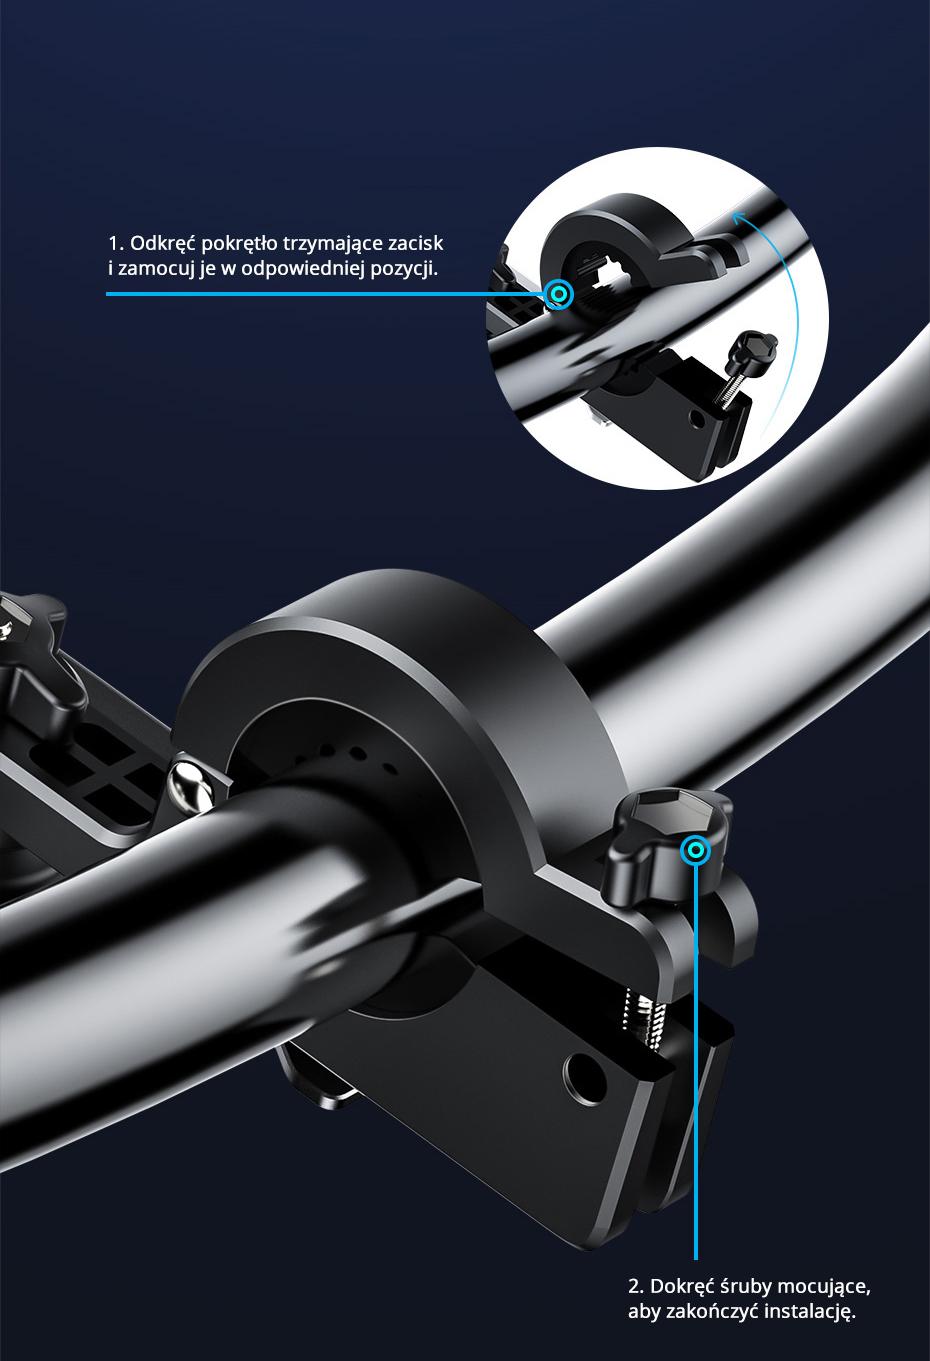 Стойка за смартфон за мотоциклети/велосипеди Baseus Knight